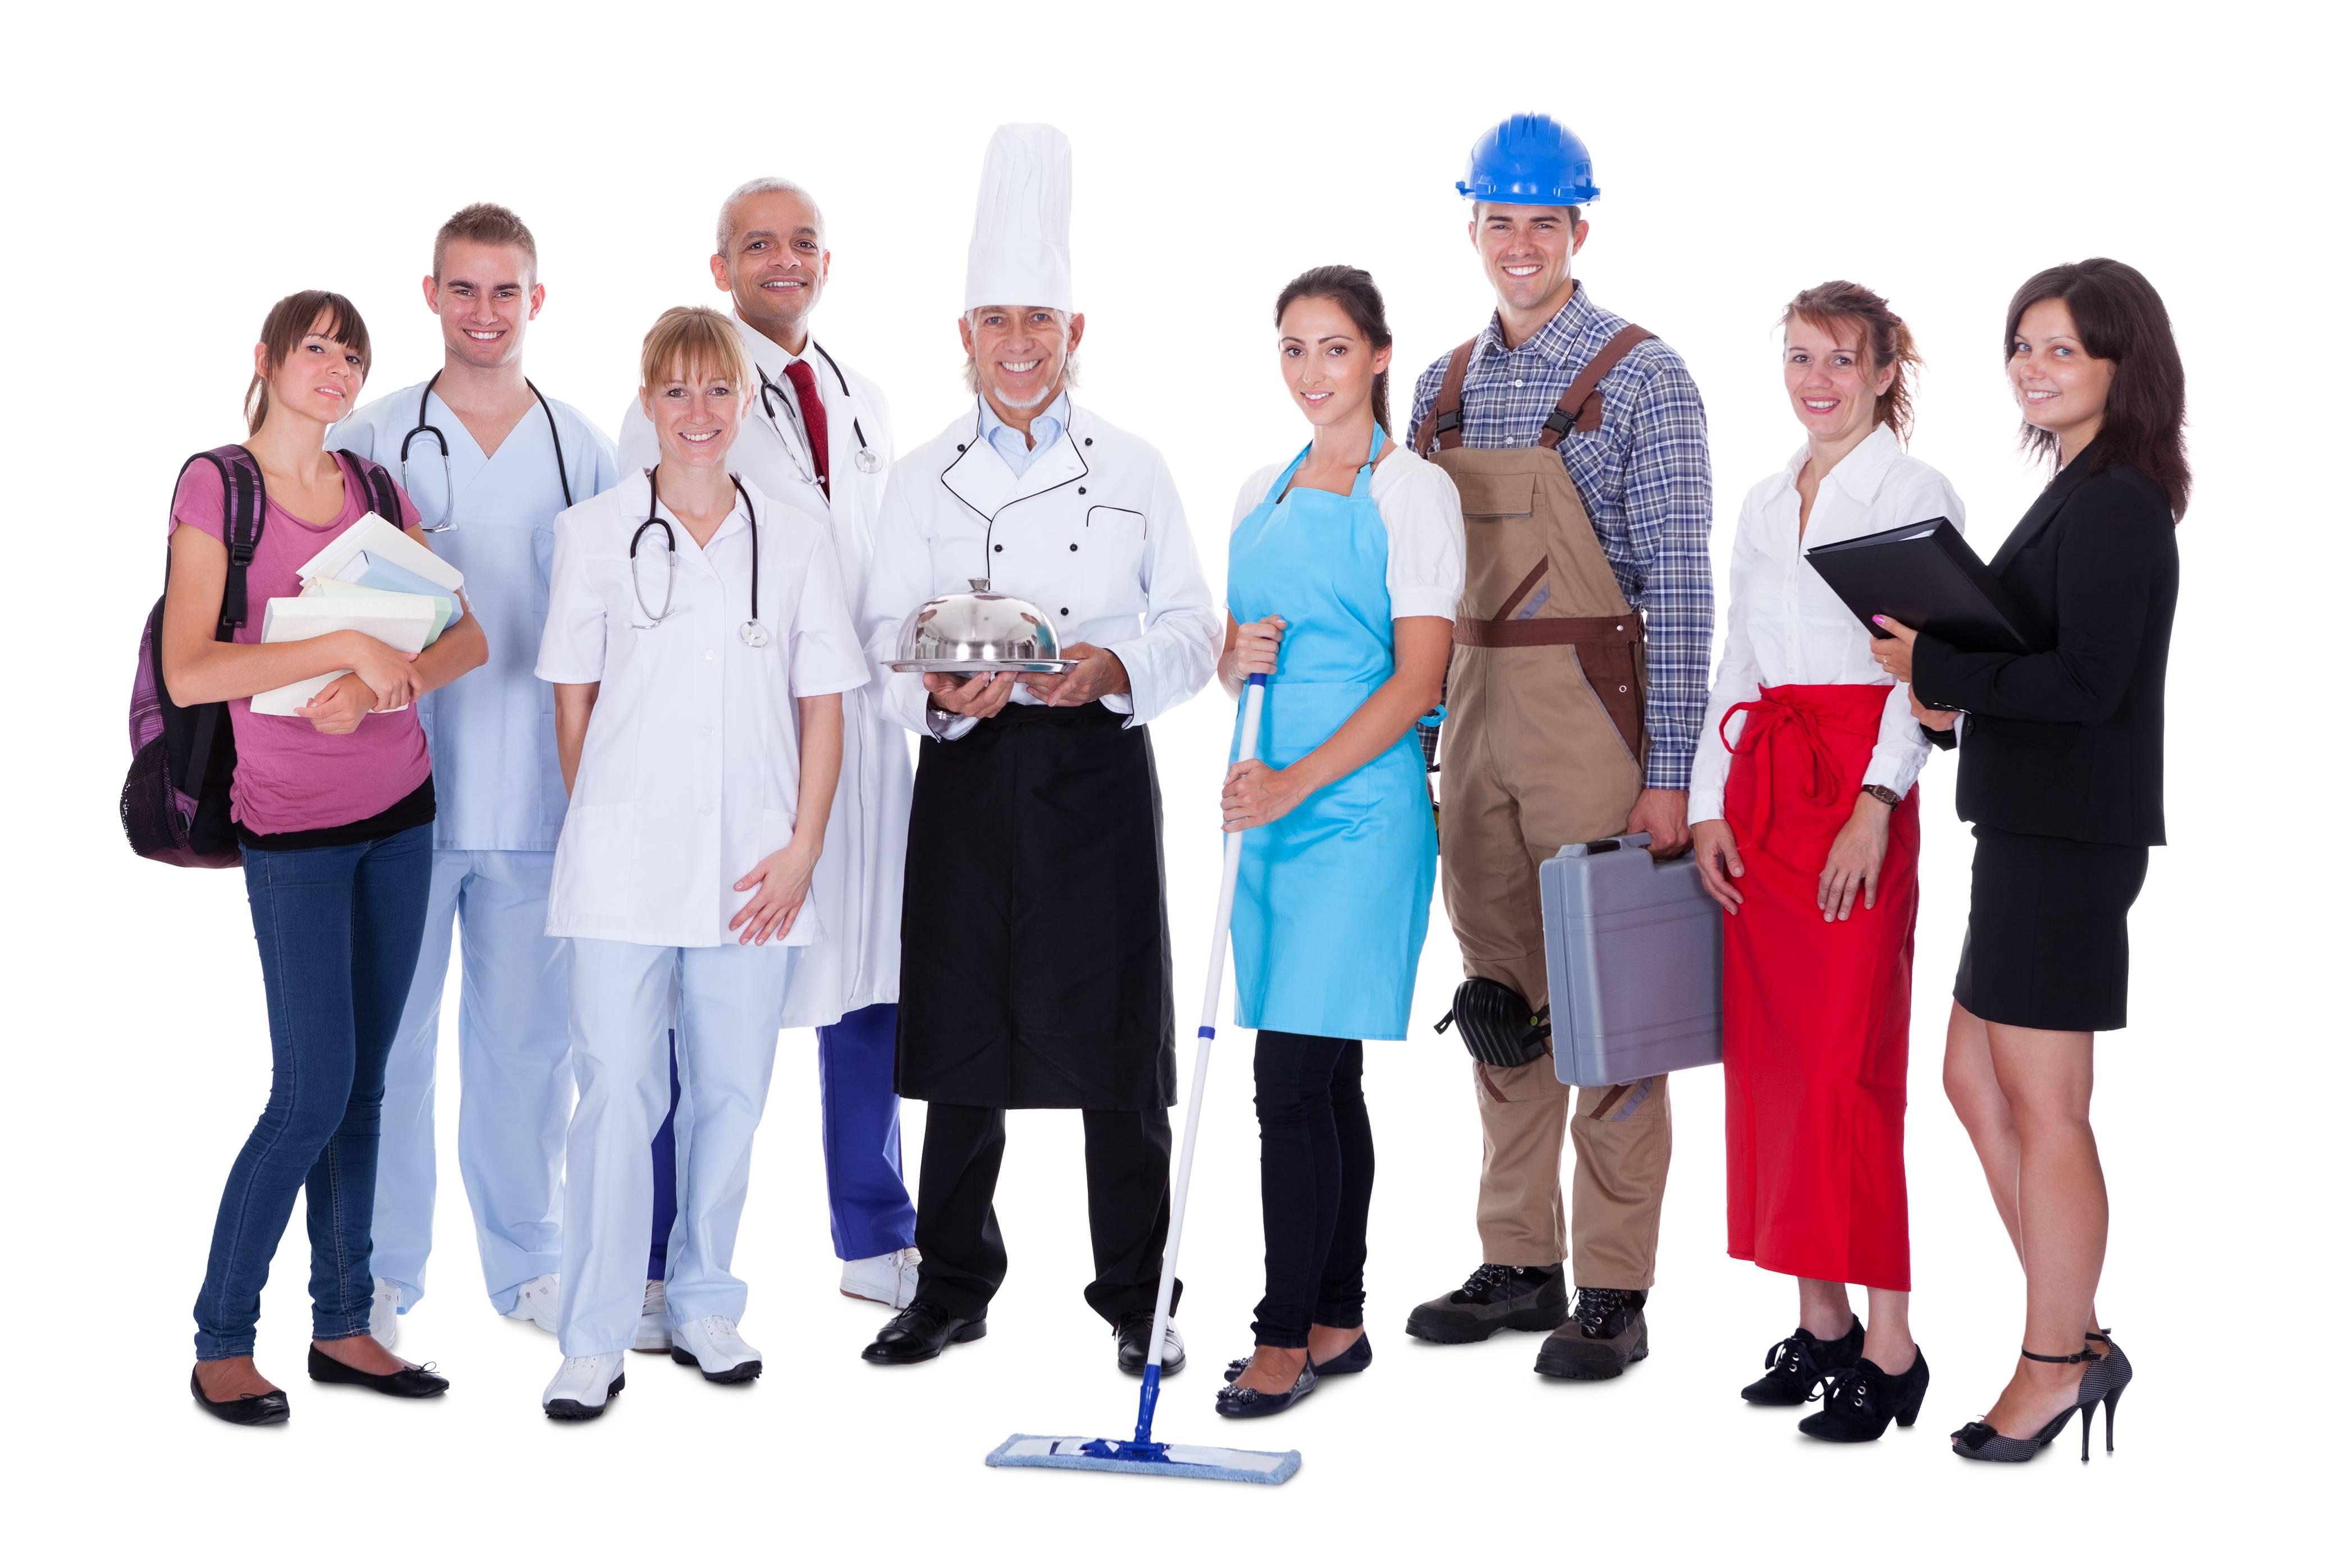 Самые престижные профессии в германии ― как зарабатывать до 45 000 € в год | дело на weproject